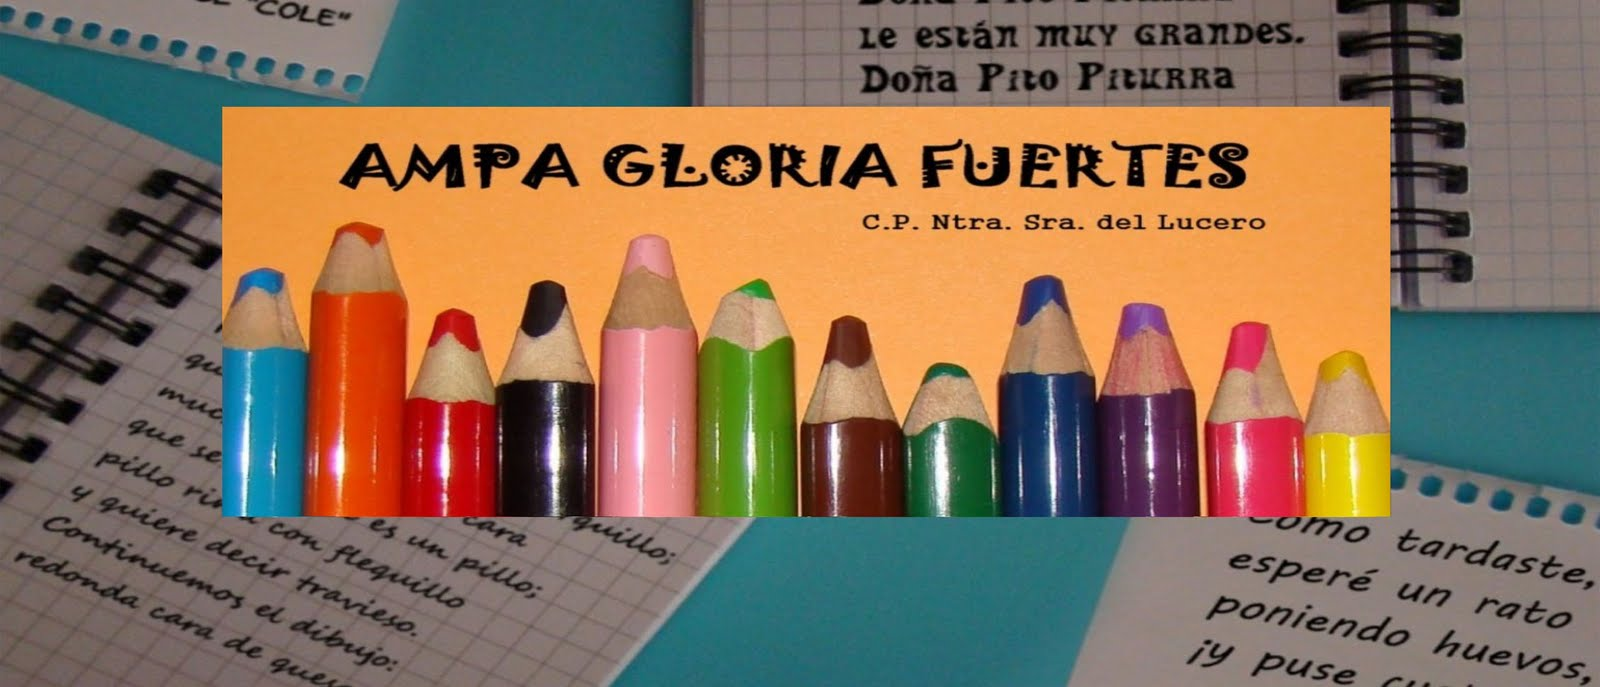 AMPA GLORIA FUERTES